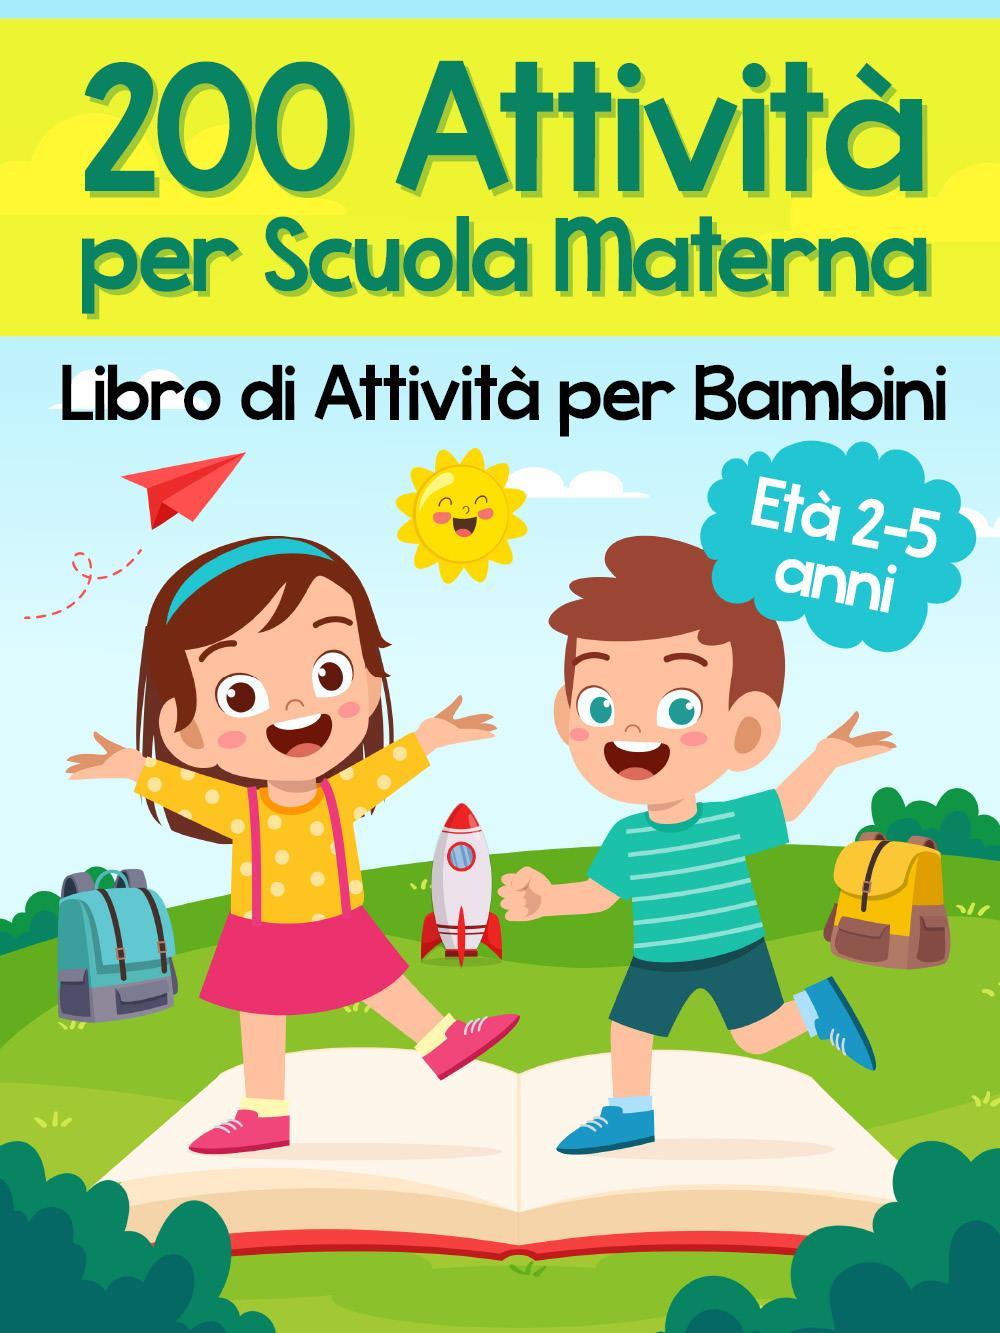 200 Attività per Scuola Materna - Libro di Attività per Bambini. Oltre 200 Pagine di Giochi Educativi ed Esercizi per Imparare Divertendosi | Età Prescolare 2-5 anni